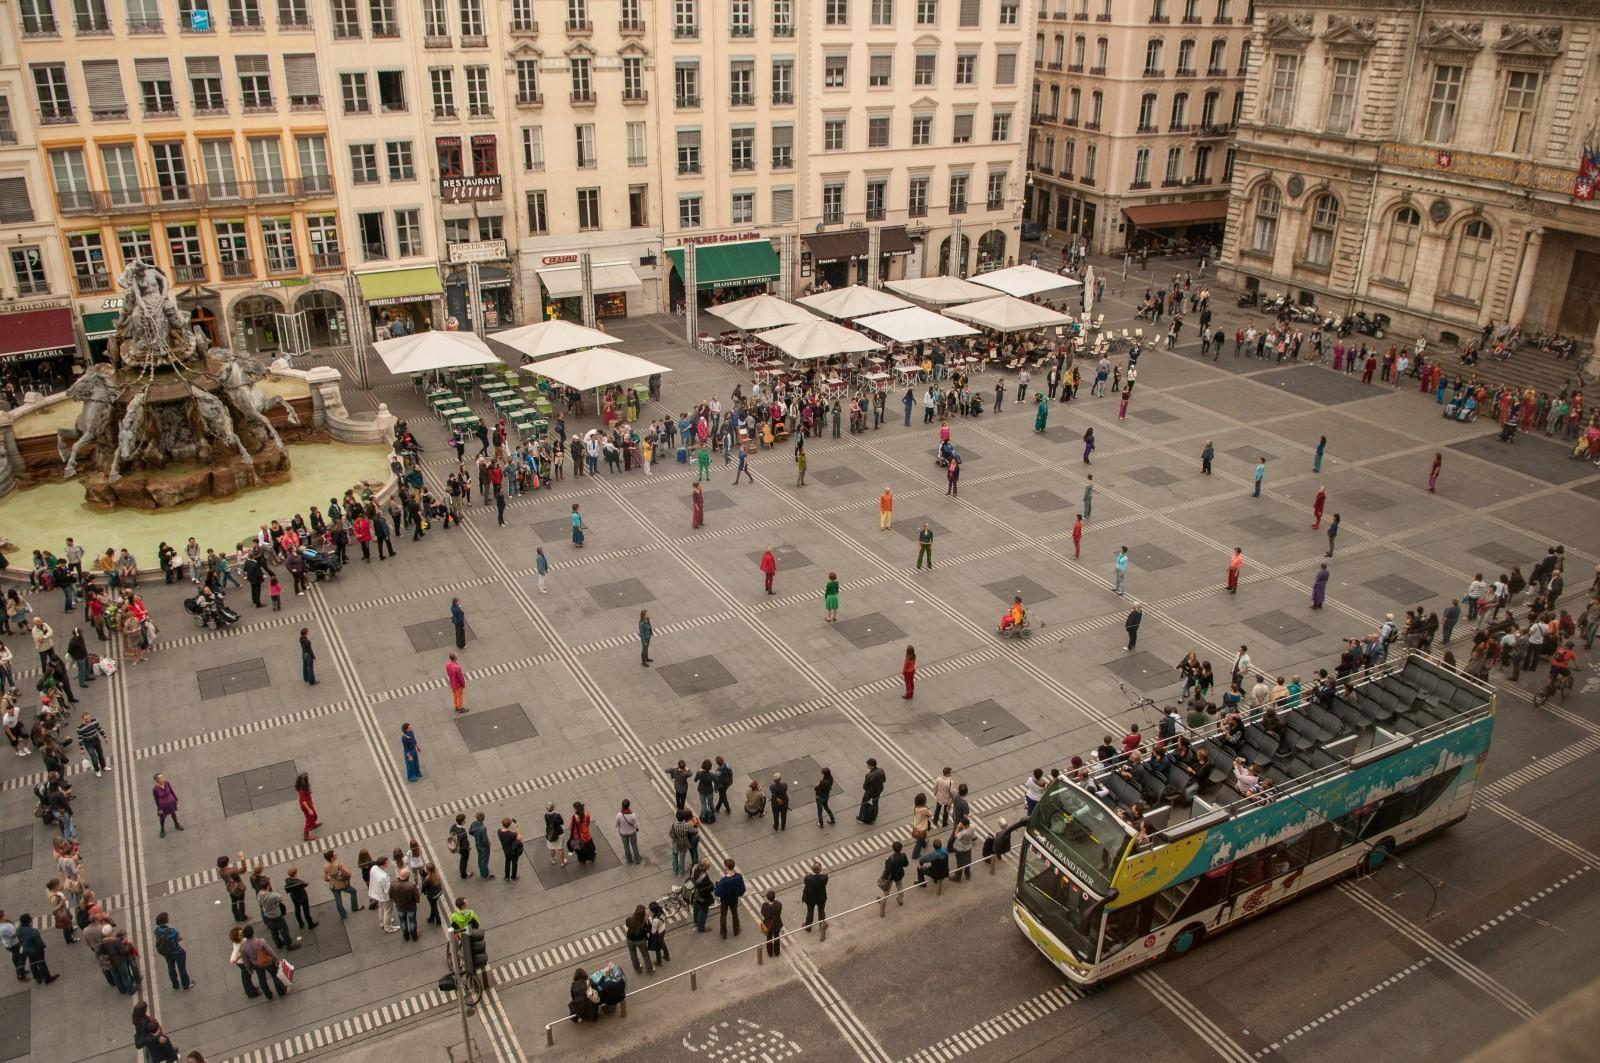 Changement d'usage et transformation, place des Terreaux à Lyon. © Ph. C